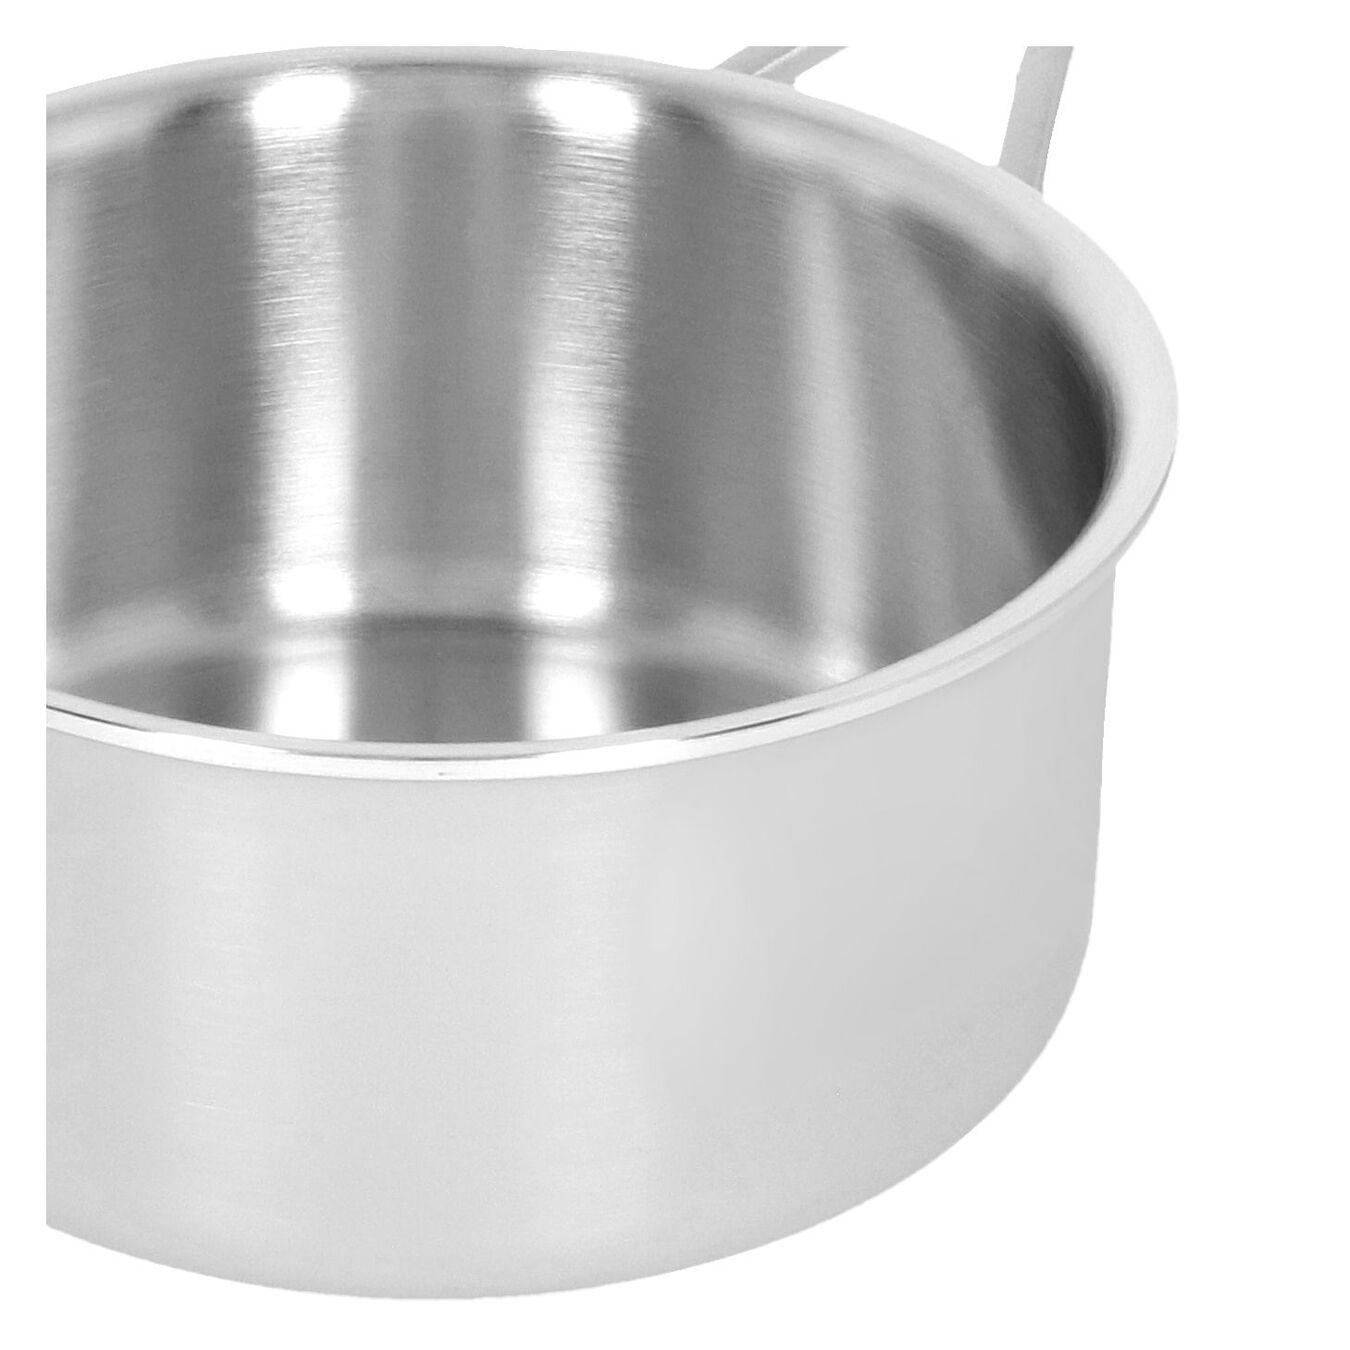 Kasserolle Med låg 16 cm, 18/10 rustfrit stål,,large 4